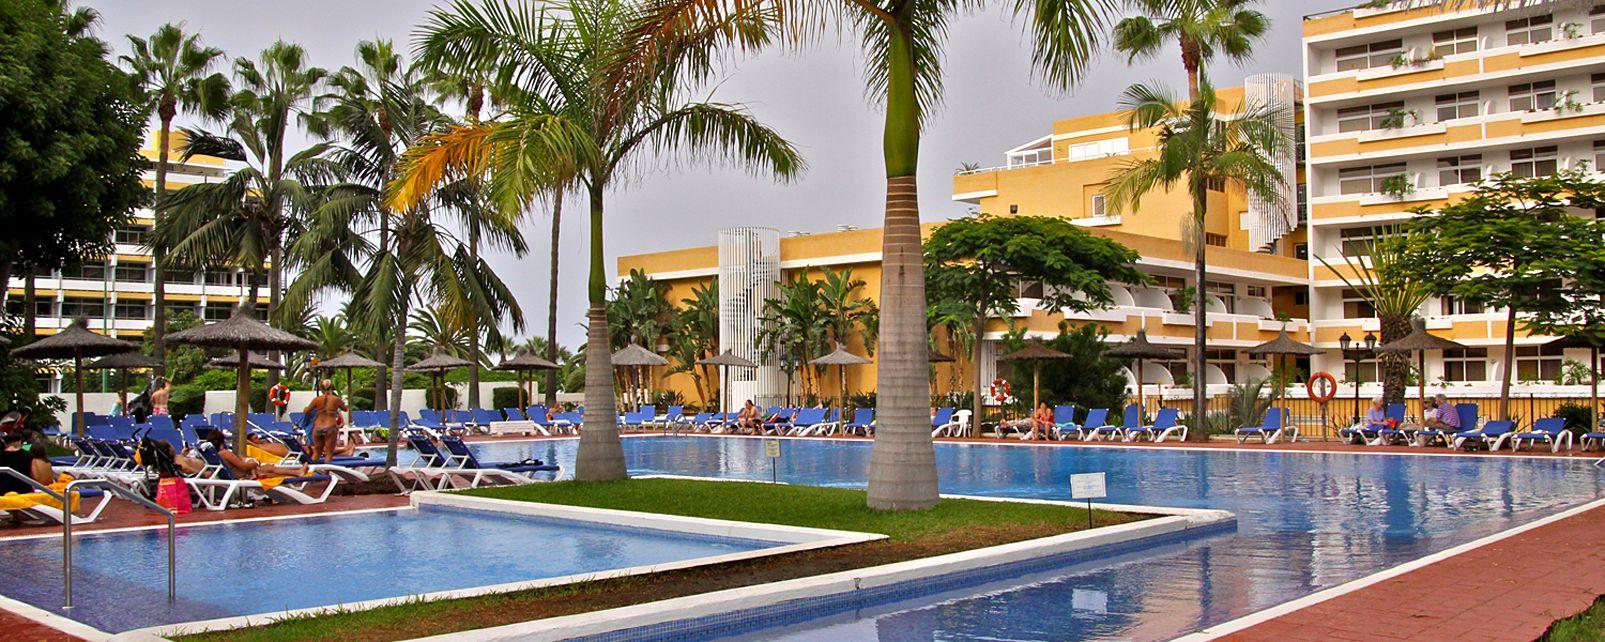 H tel canarife palace puerto de la cruz espagne - Hotel canarife palace puerto de la cruz ...